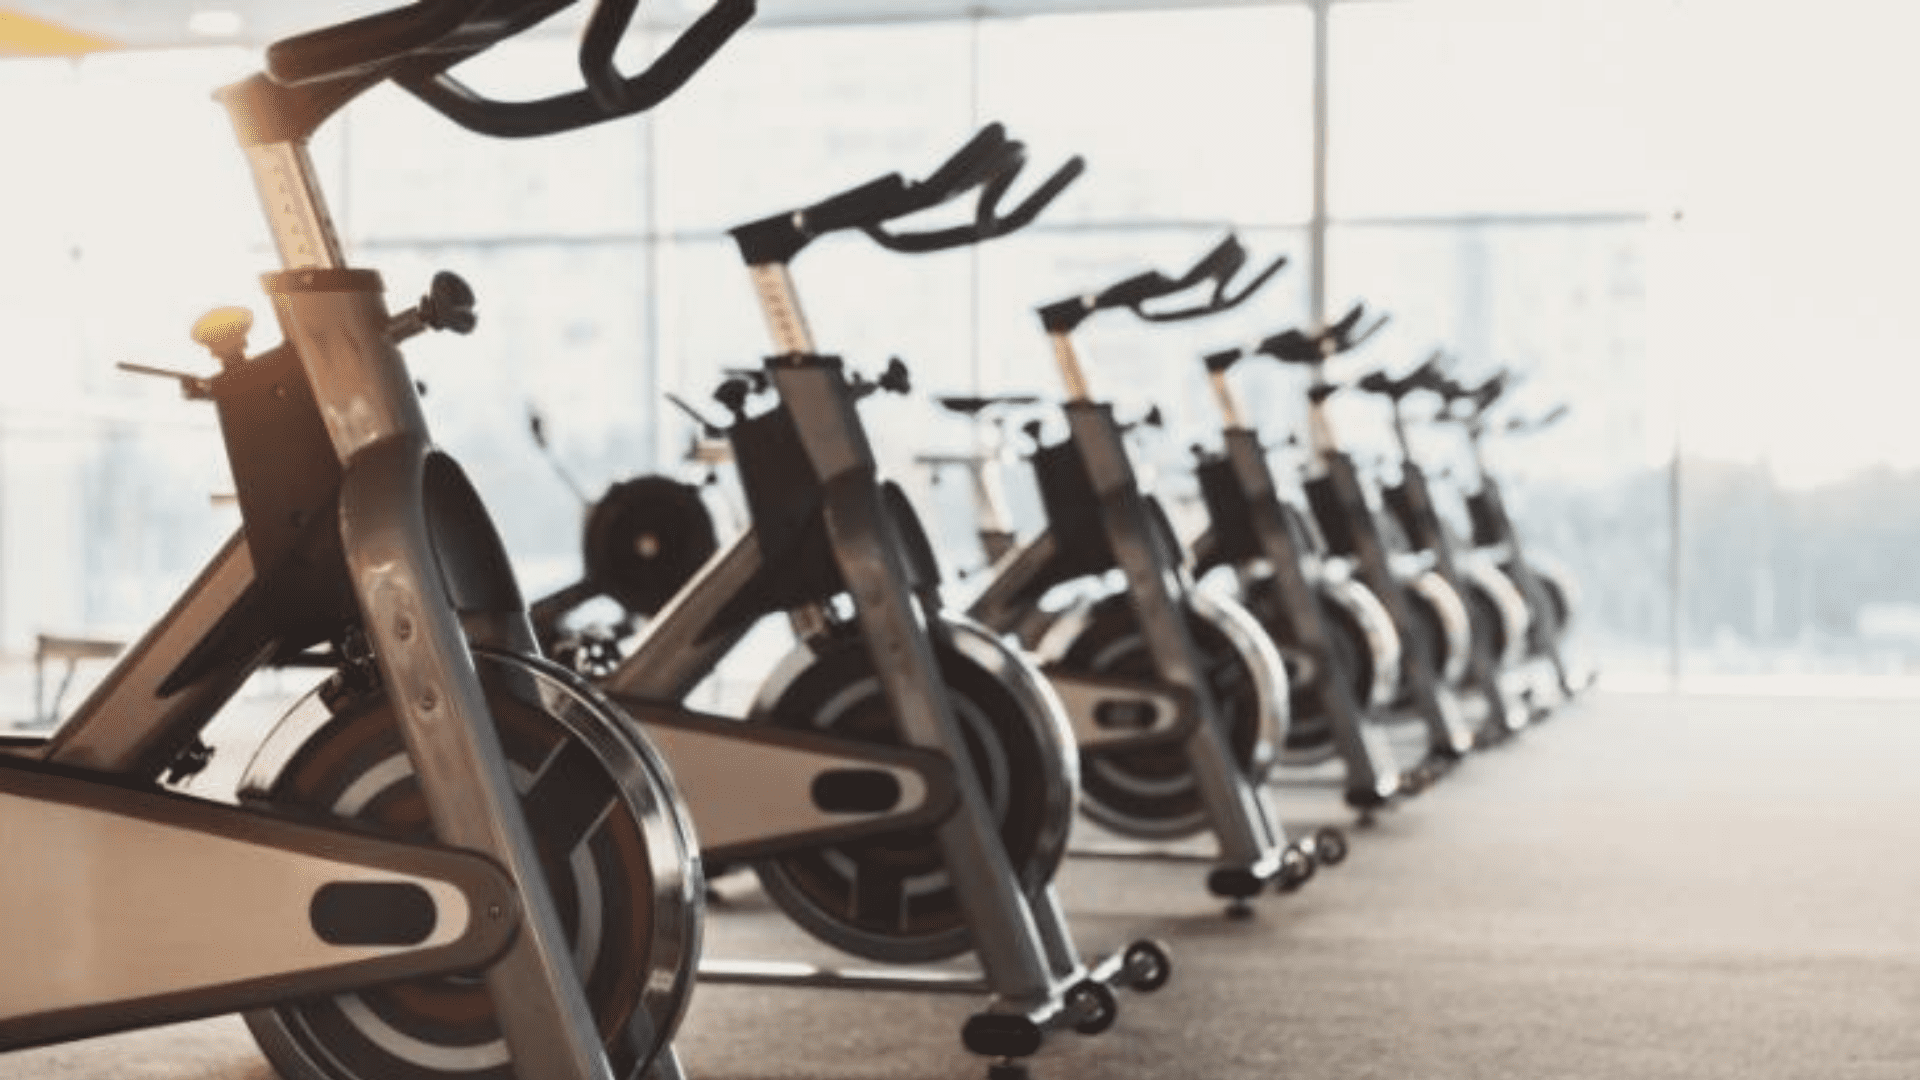 Veja a nossa seleção com as melhores bicicletas ergométricas para comprar em 2020! (Imagem: Reprodução/Shutterstock)